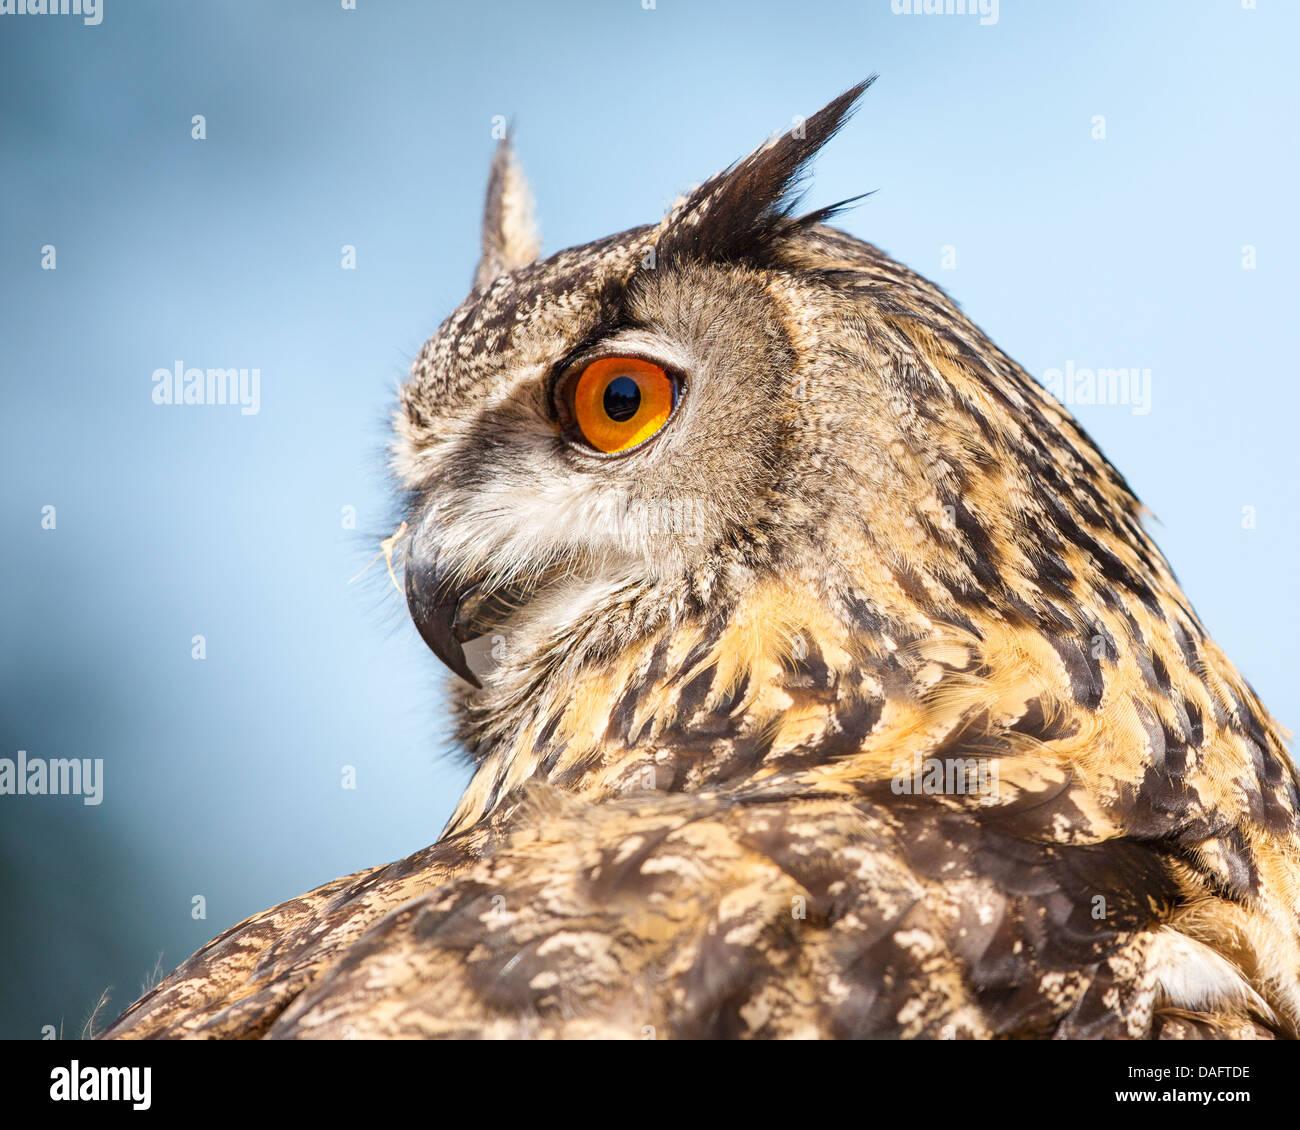 Close-up de un águila Euroasiática- owl (Bubo bubo) mostrando la cabeza girada 180 grados contra un fondo Imagen De Stock